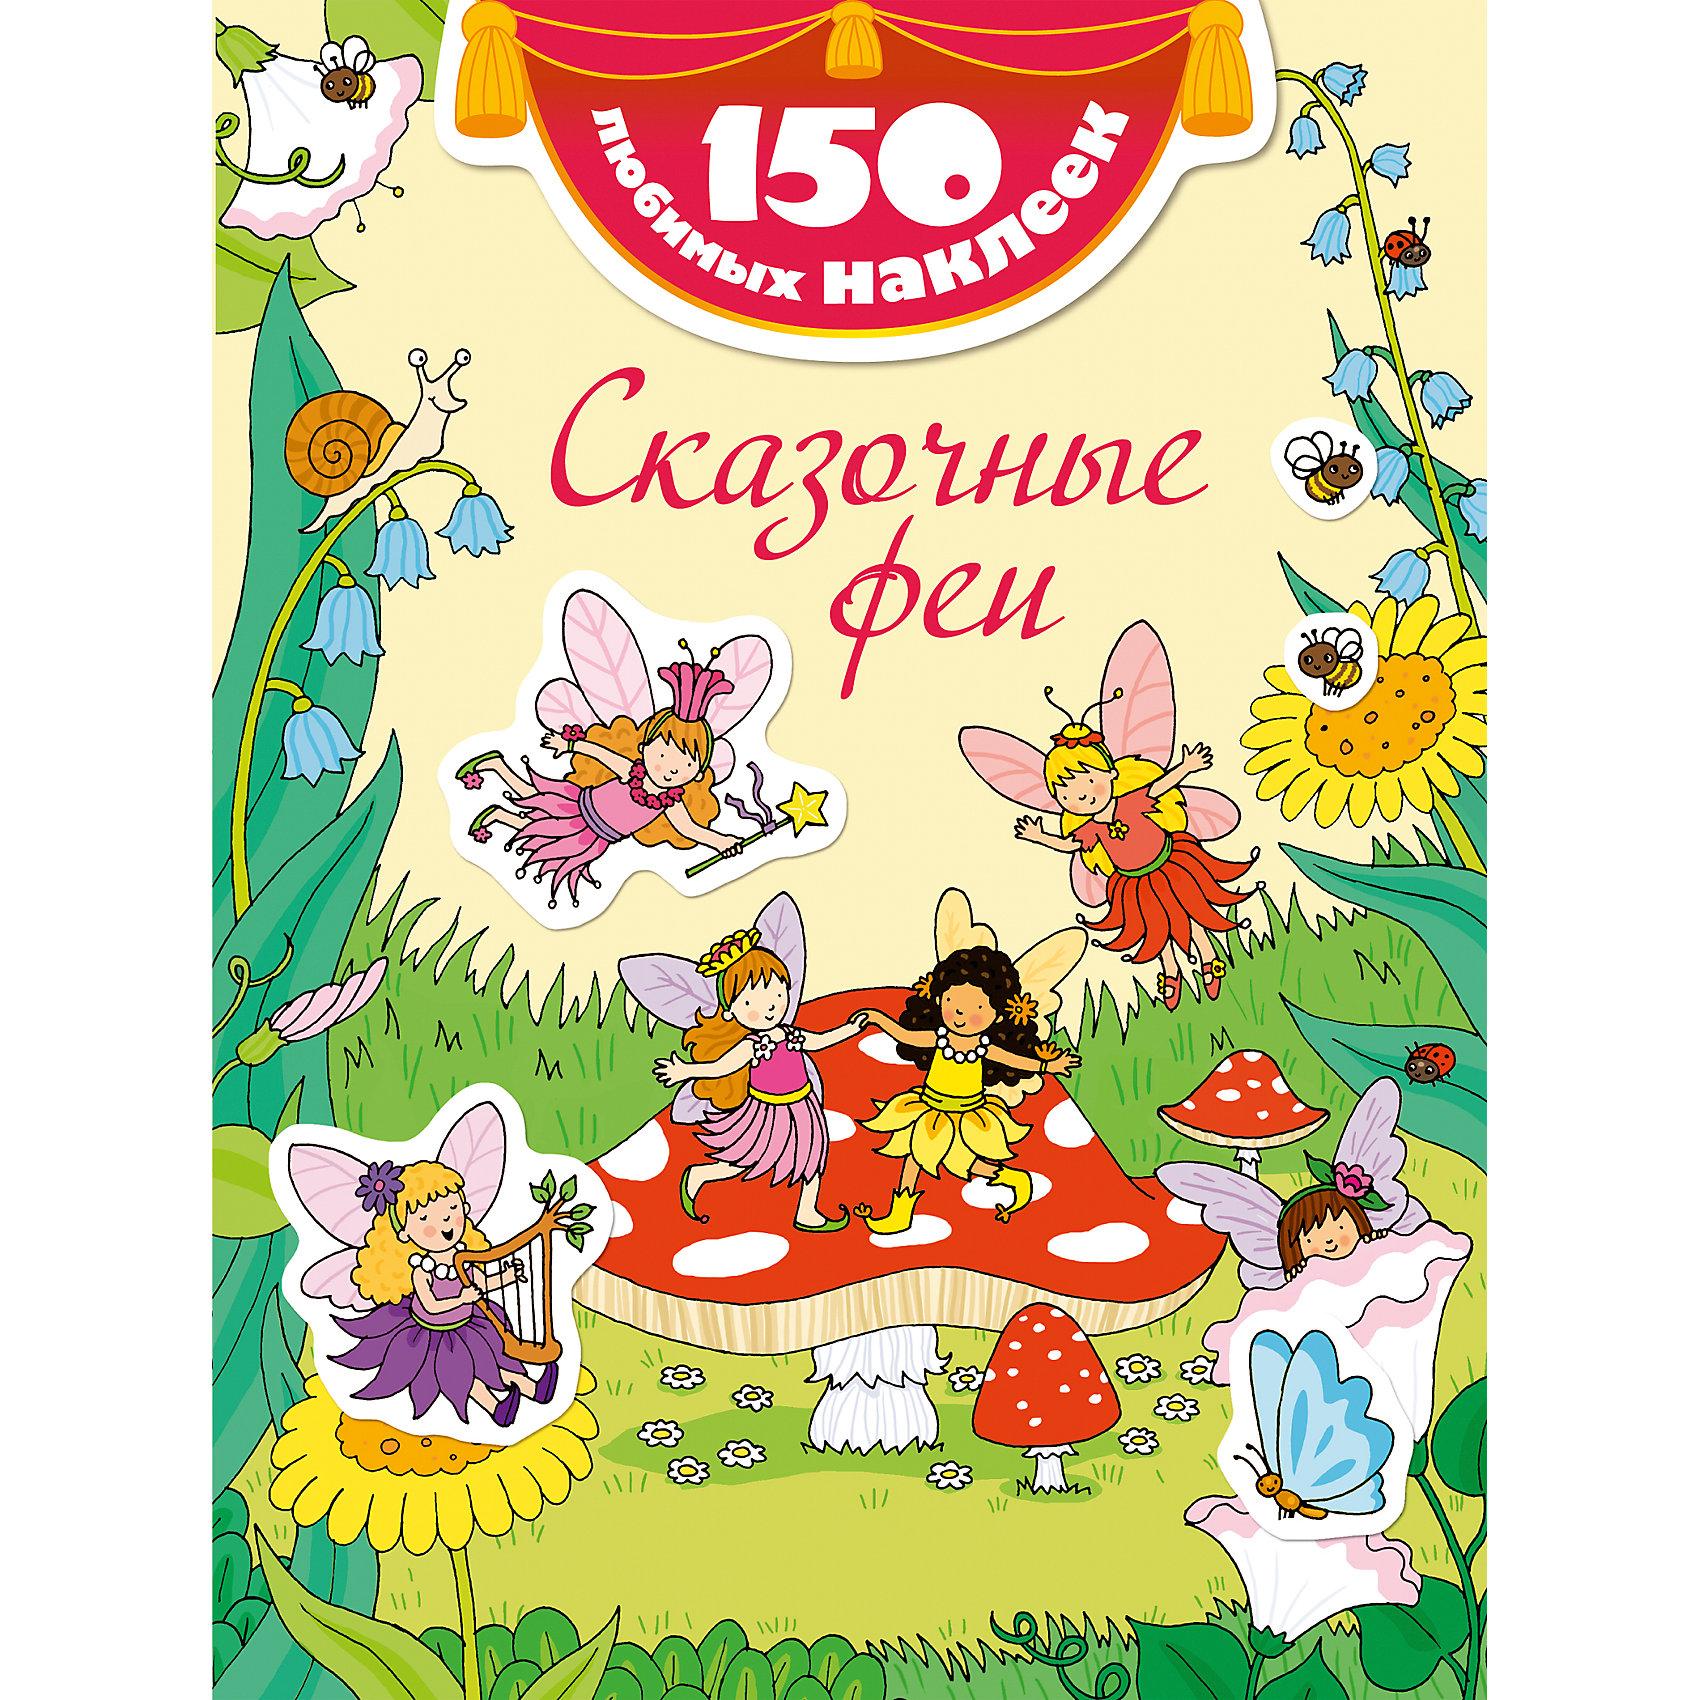 450 любимых наклеек, комплект из 3-х книгКнижки с наклейками<br>В комплект входят три книги с наклейками: Волшебные принцессы, Сказочные феи и В парке аттракционов. В каждой книге девочек ожидают 150 наклеек с разными принцессами,  феями и веселыми приключениями на каруселях. 450 наклеек в комплекте обязательно разбудят фантазию и увлекут любую девочку на несколько  вечеров. Ребенок проведет это время с удовольствием от приклеивания наклеек и с пользой, потому что книги позволяют использовать наклейки свободно, не требуя их приклейки в определенные места, и тем самым дают дополнительный творческий импульс юной фантазерке.<br><br>Ширина мм: 280<br>Глубина мм: 210<br>Высота мм: 50<br>Вес г: 505<br>Возраст от месяцев: 72<br>Возраст до месяцев: 144<br>Пол: Унисекс<br>Возраст: Детский<br>SKU: 6877925